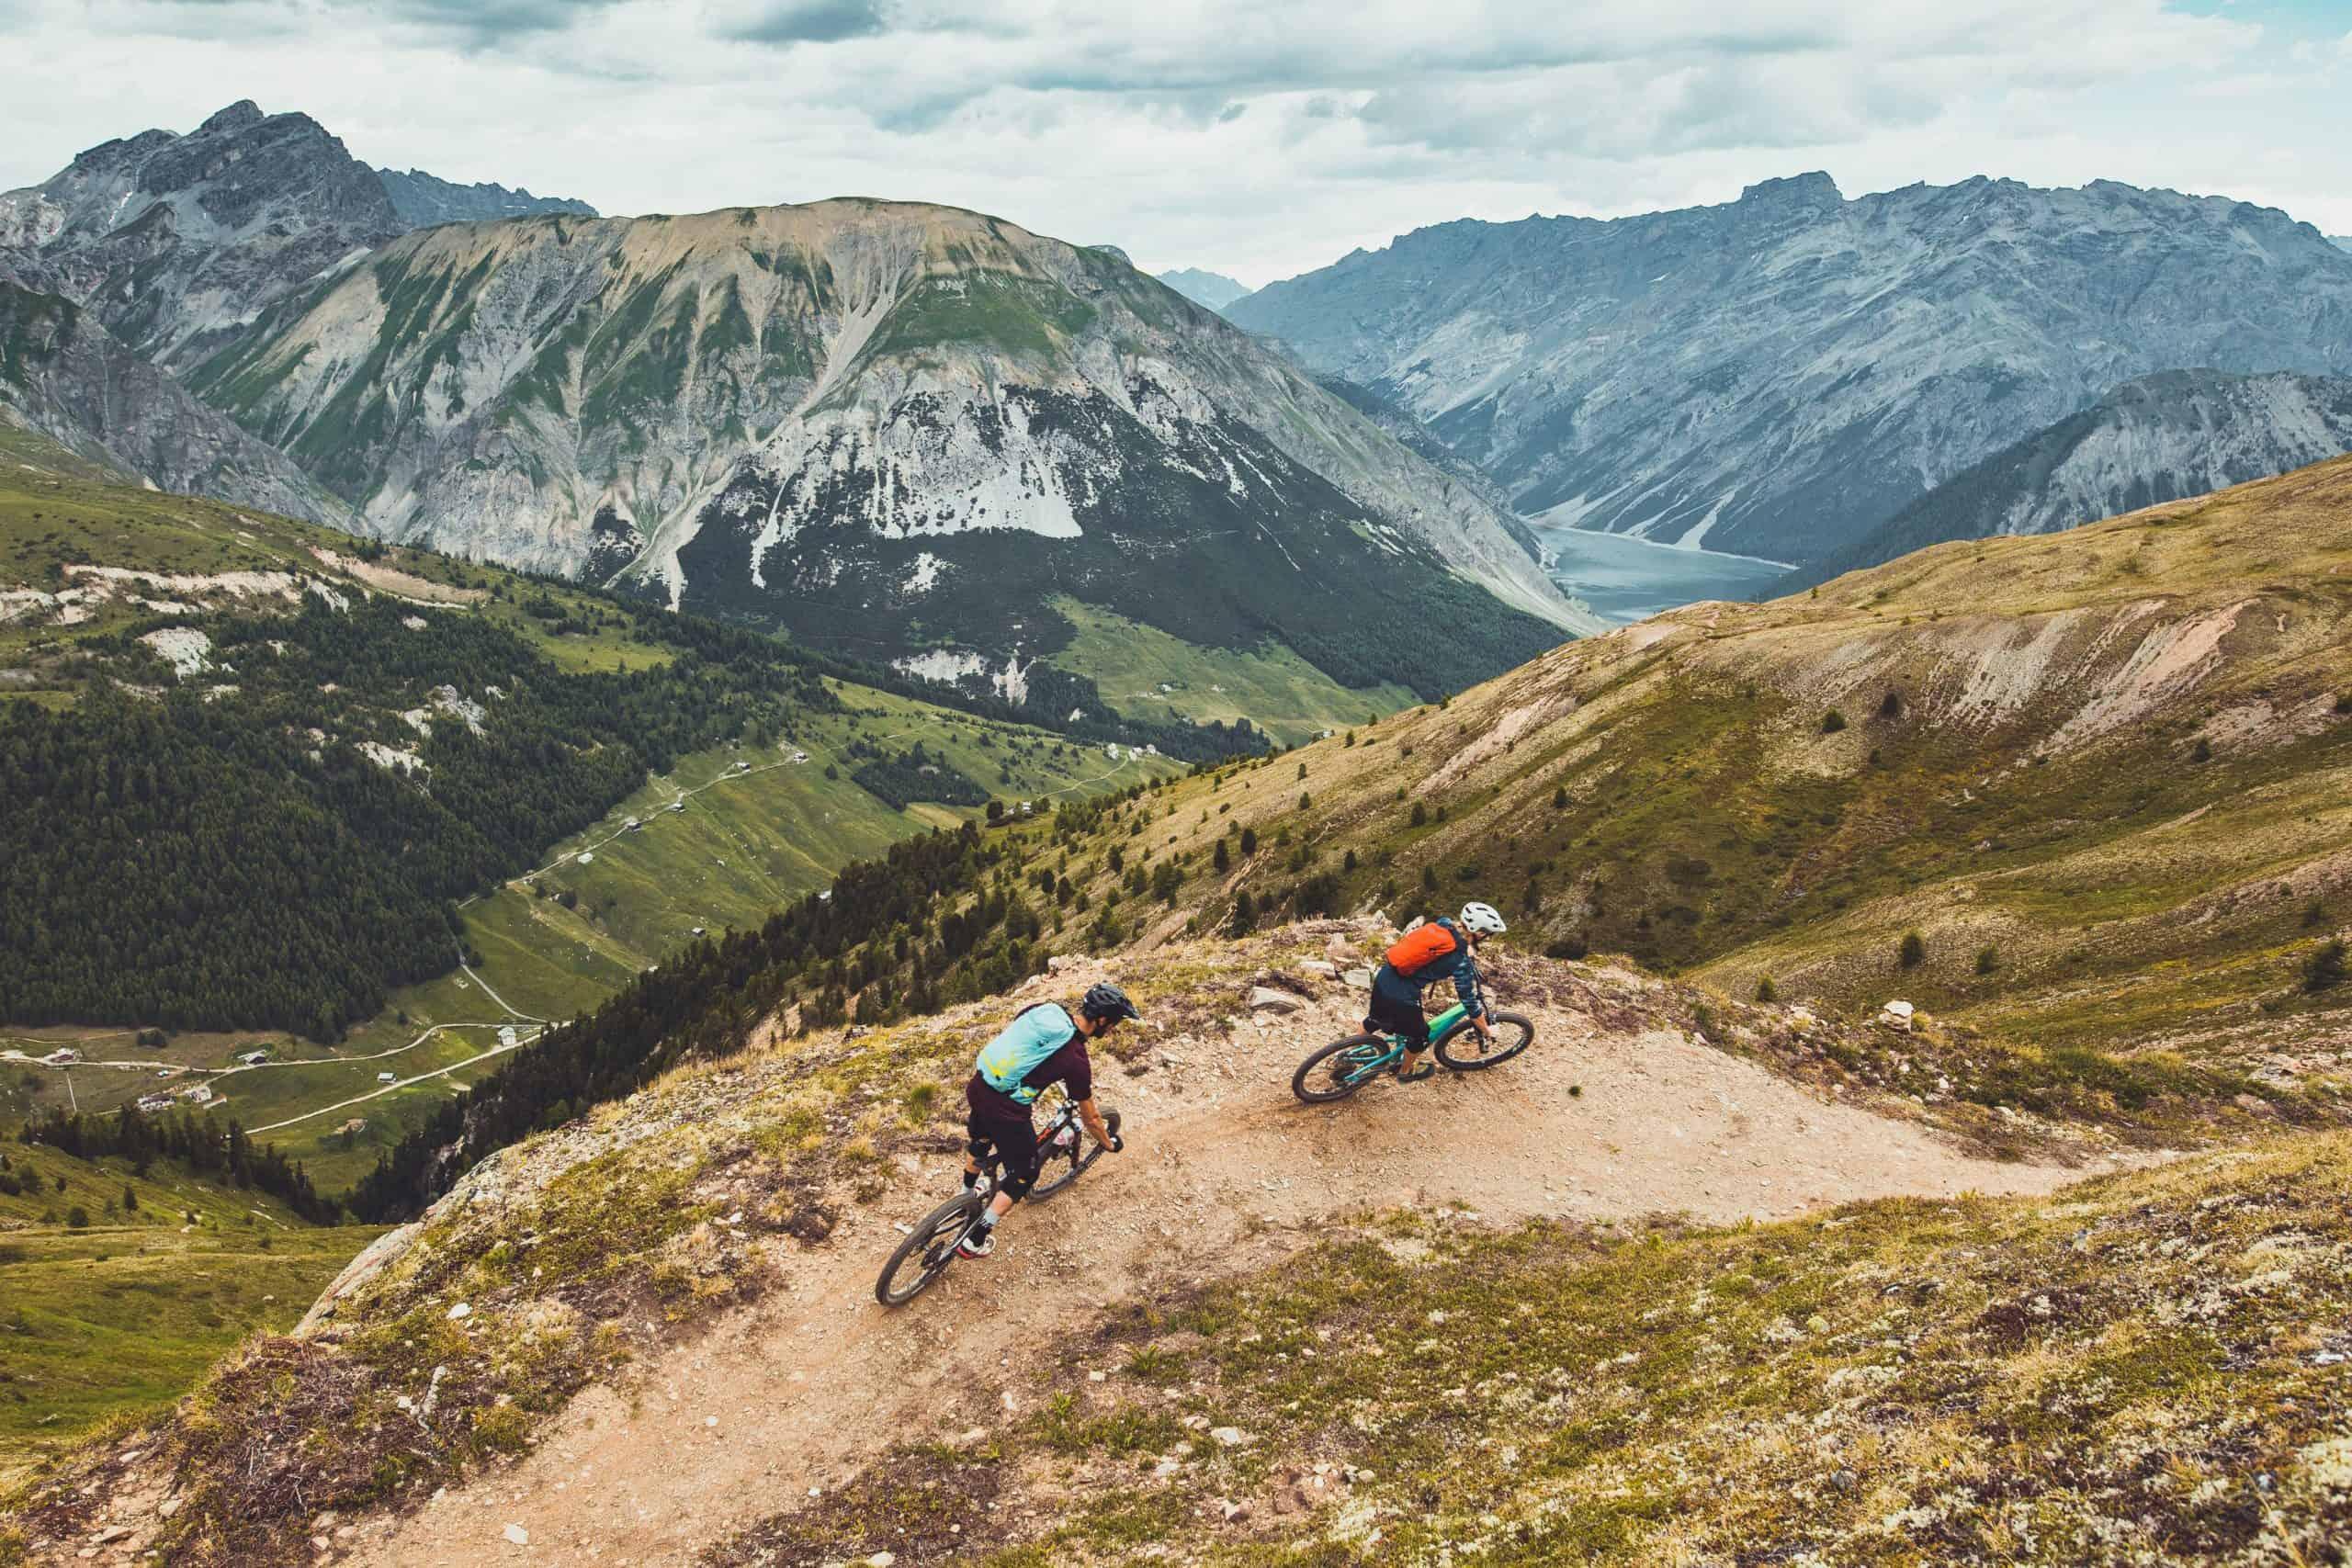 Livigno stagione estiva 2021 - mountain bike